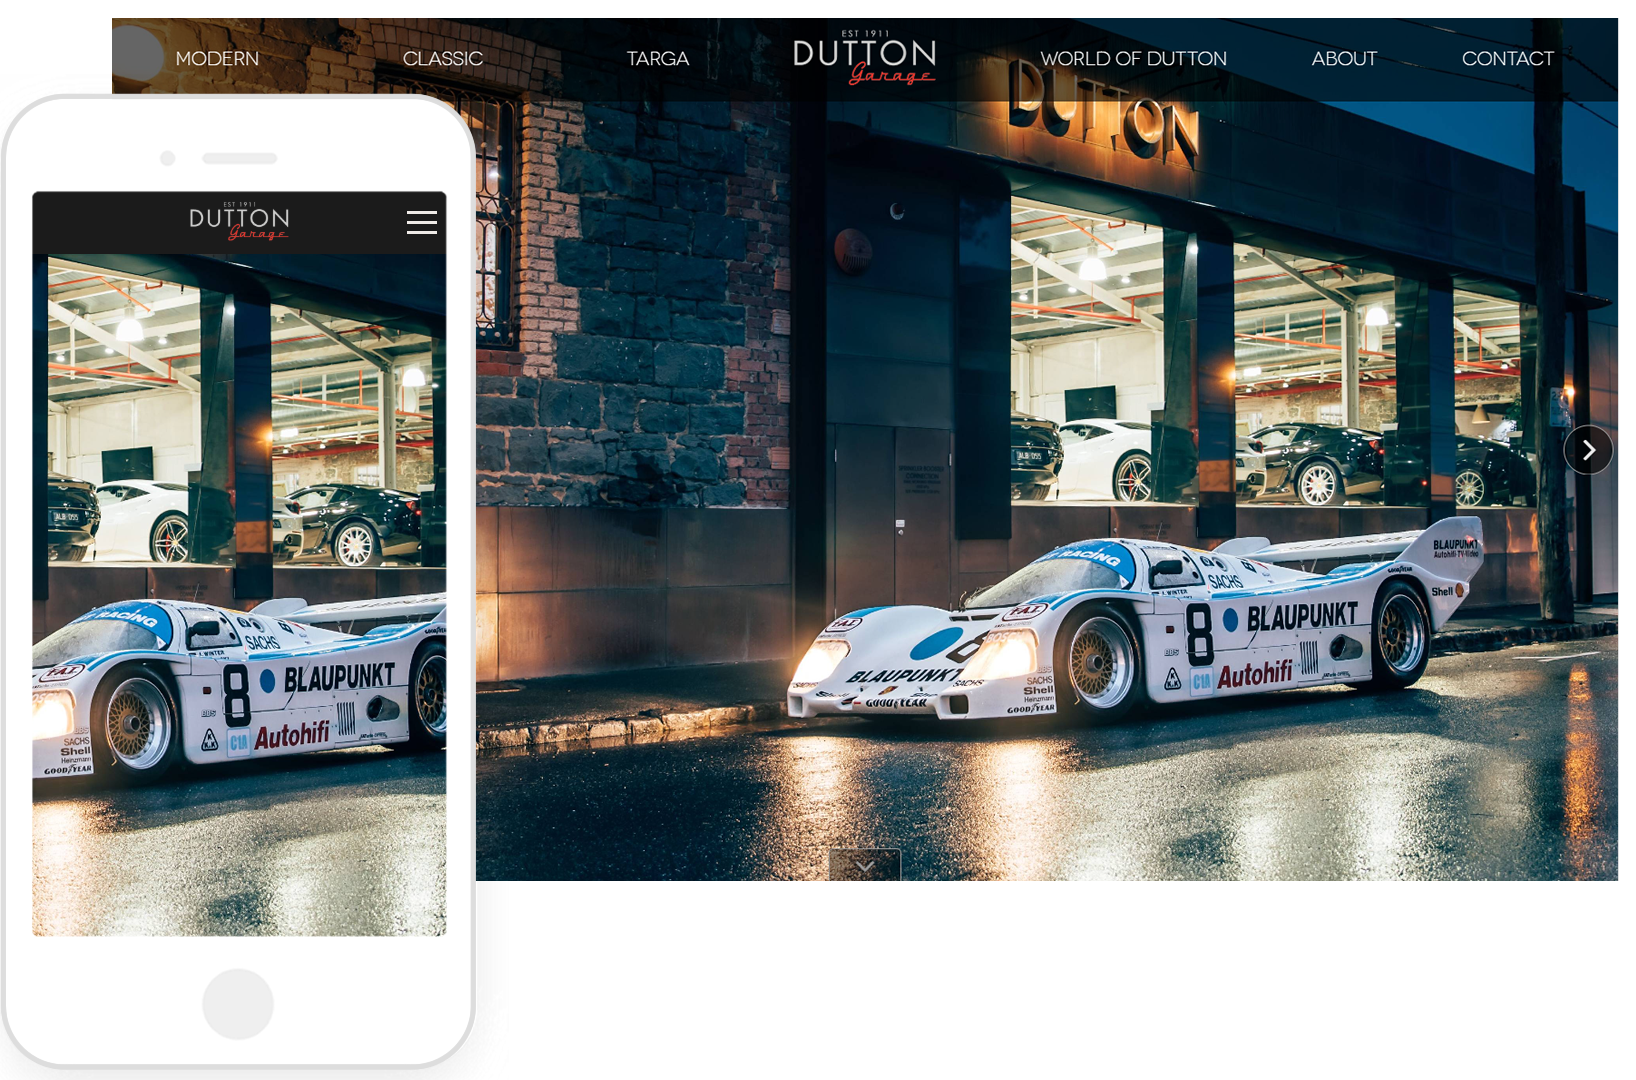 Dutton Garage Homepage image